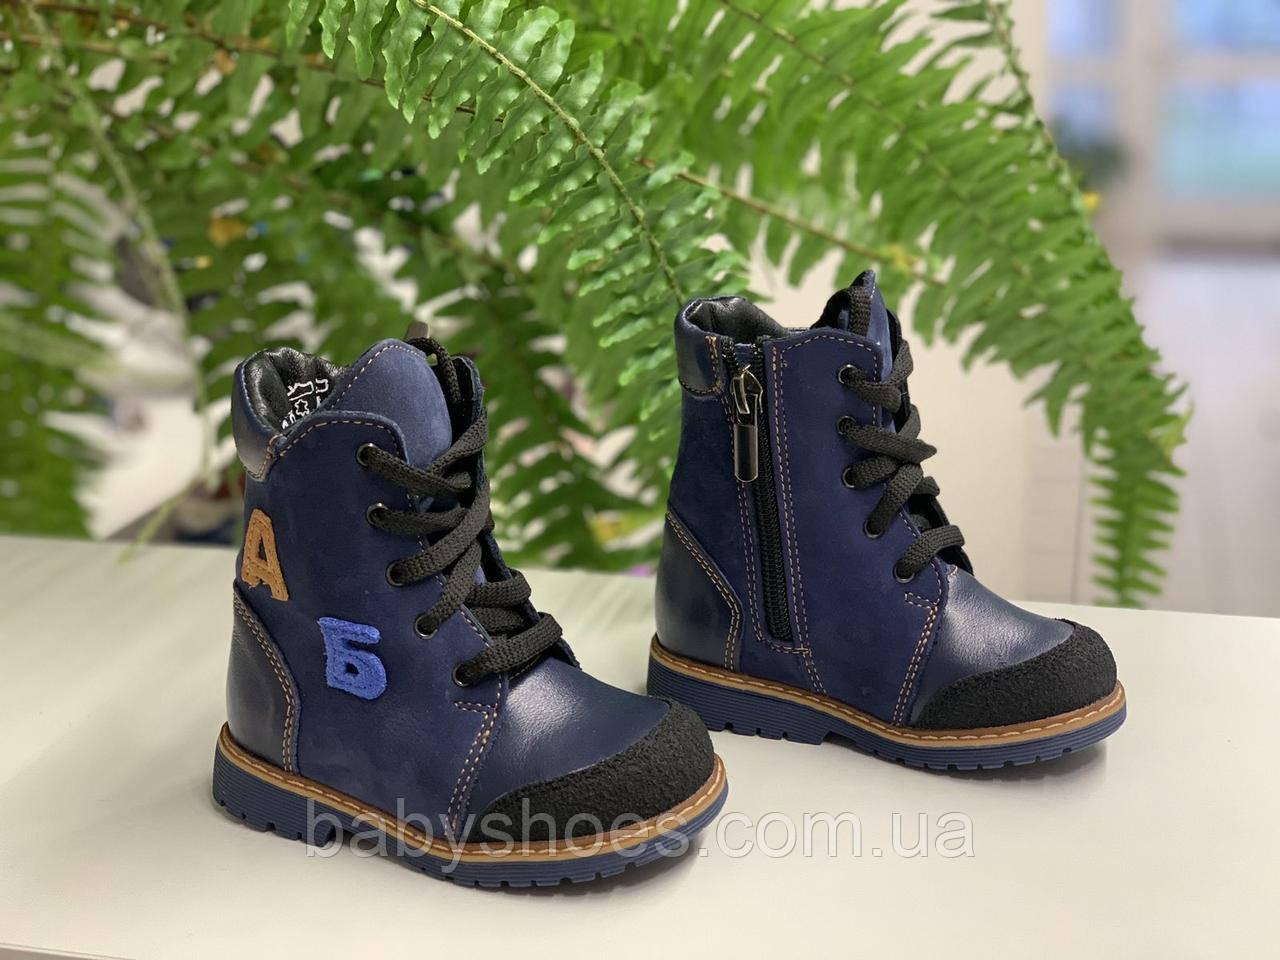 Берегиня детские зимние ботинки  кожа р.21, мод.2117